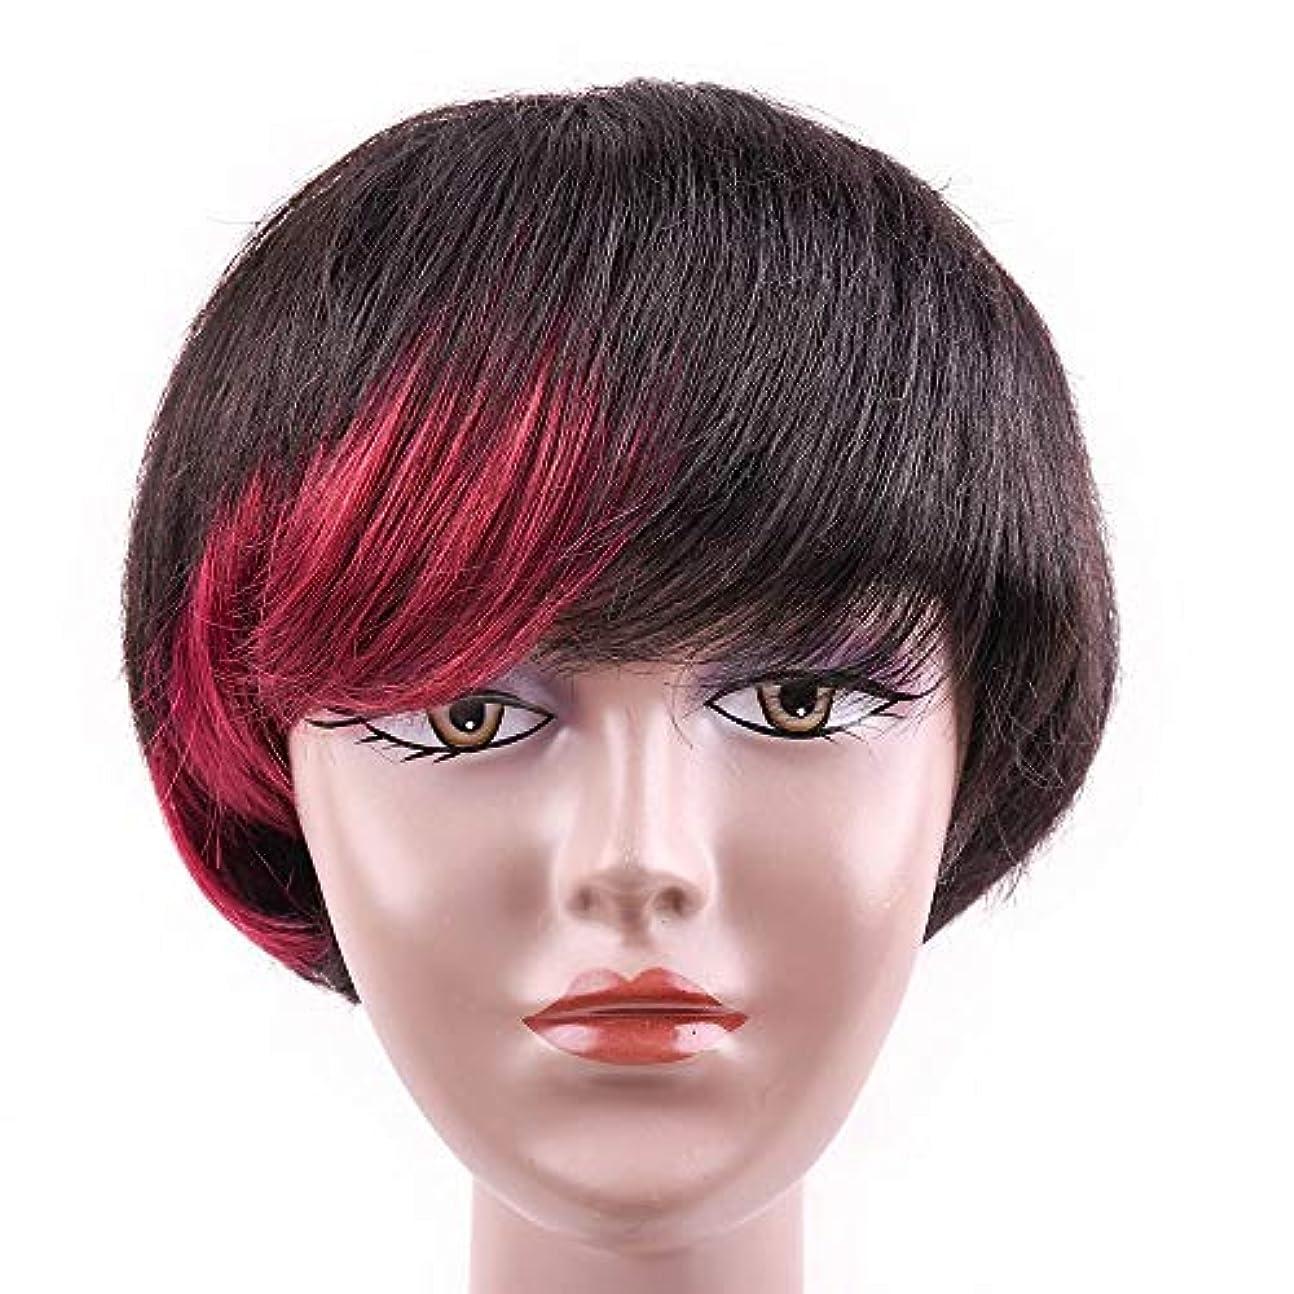 タンザニアトランスミッション首謀者YOUQIU 女性6インチブラックレッドカラーのウィッグを強調するために、100%人毛ショートボブウィッグ (色 : 黒, サイズ : 6 inch)